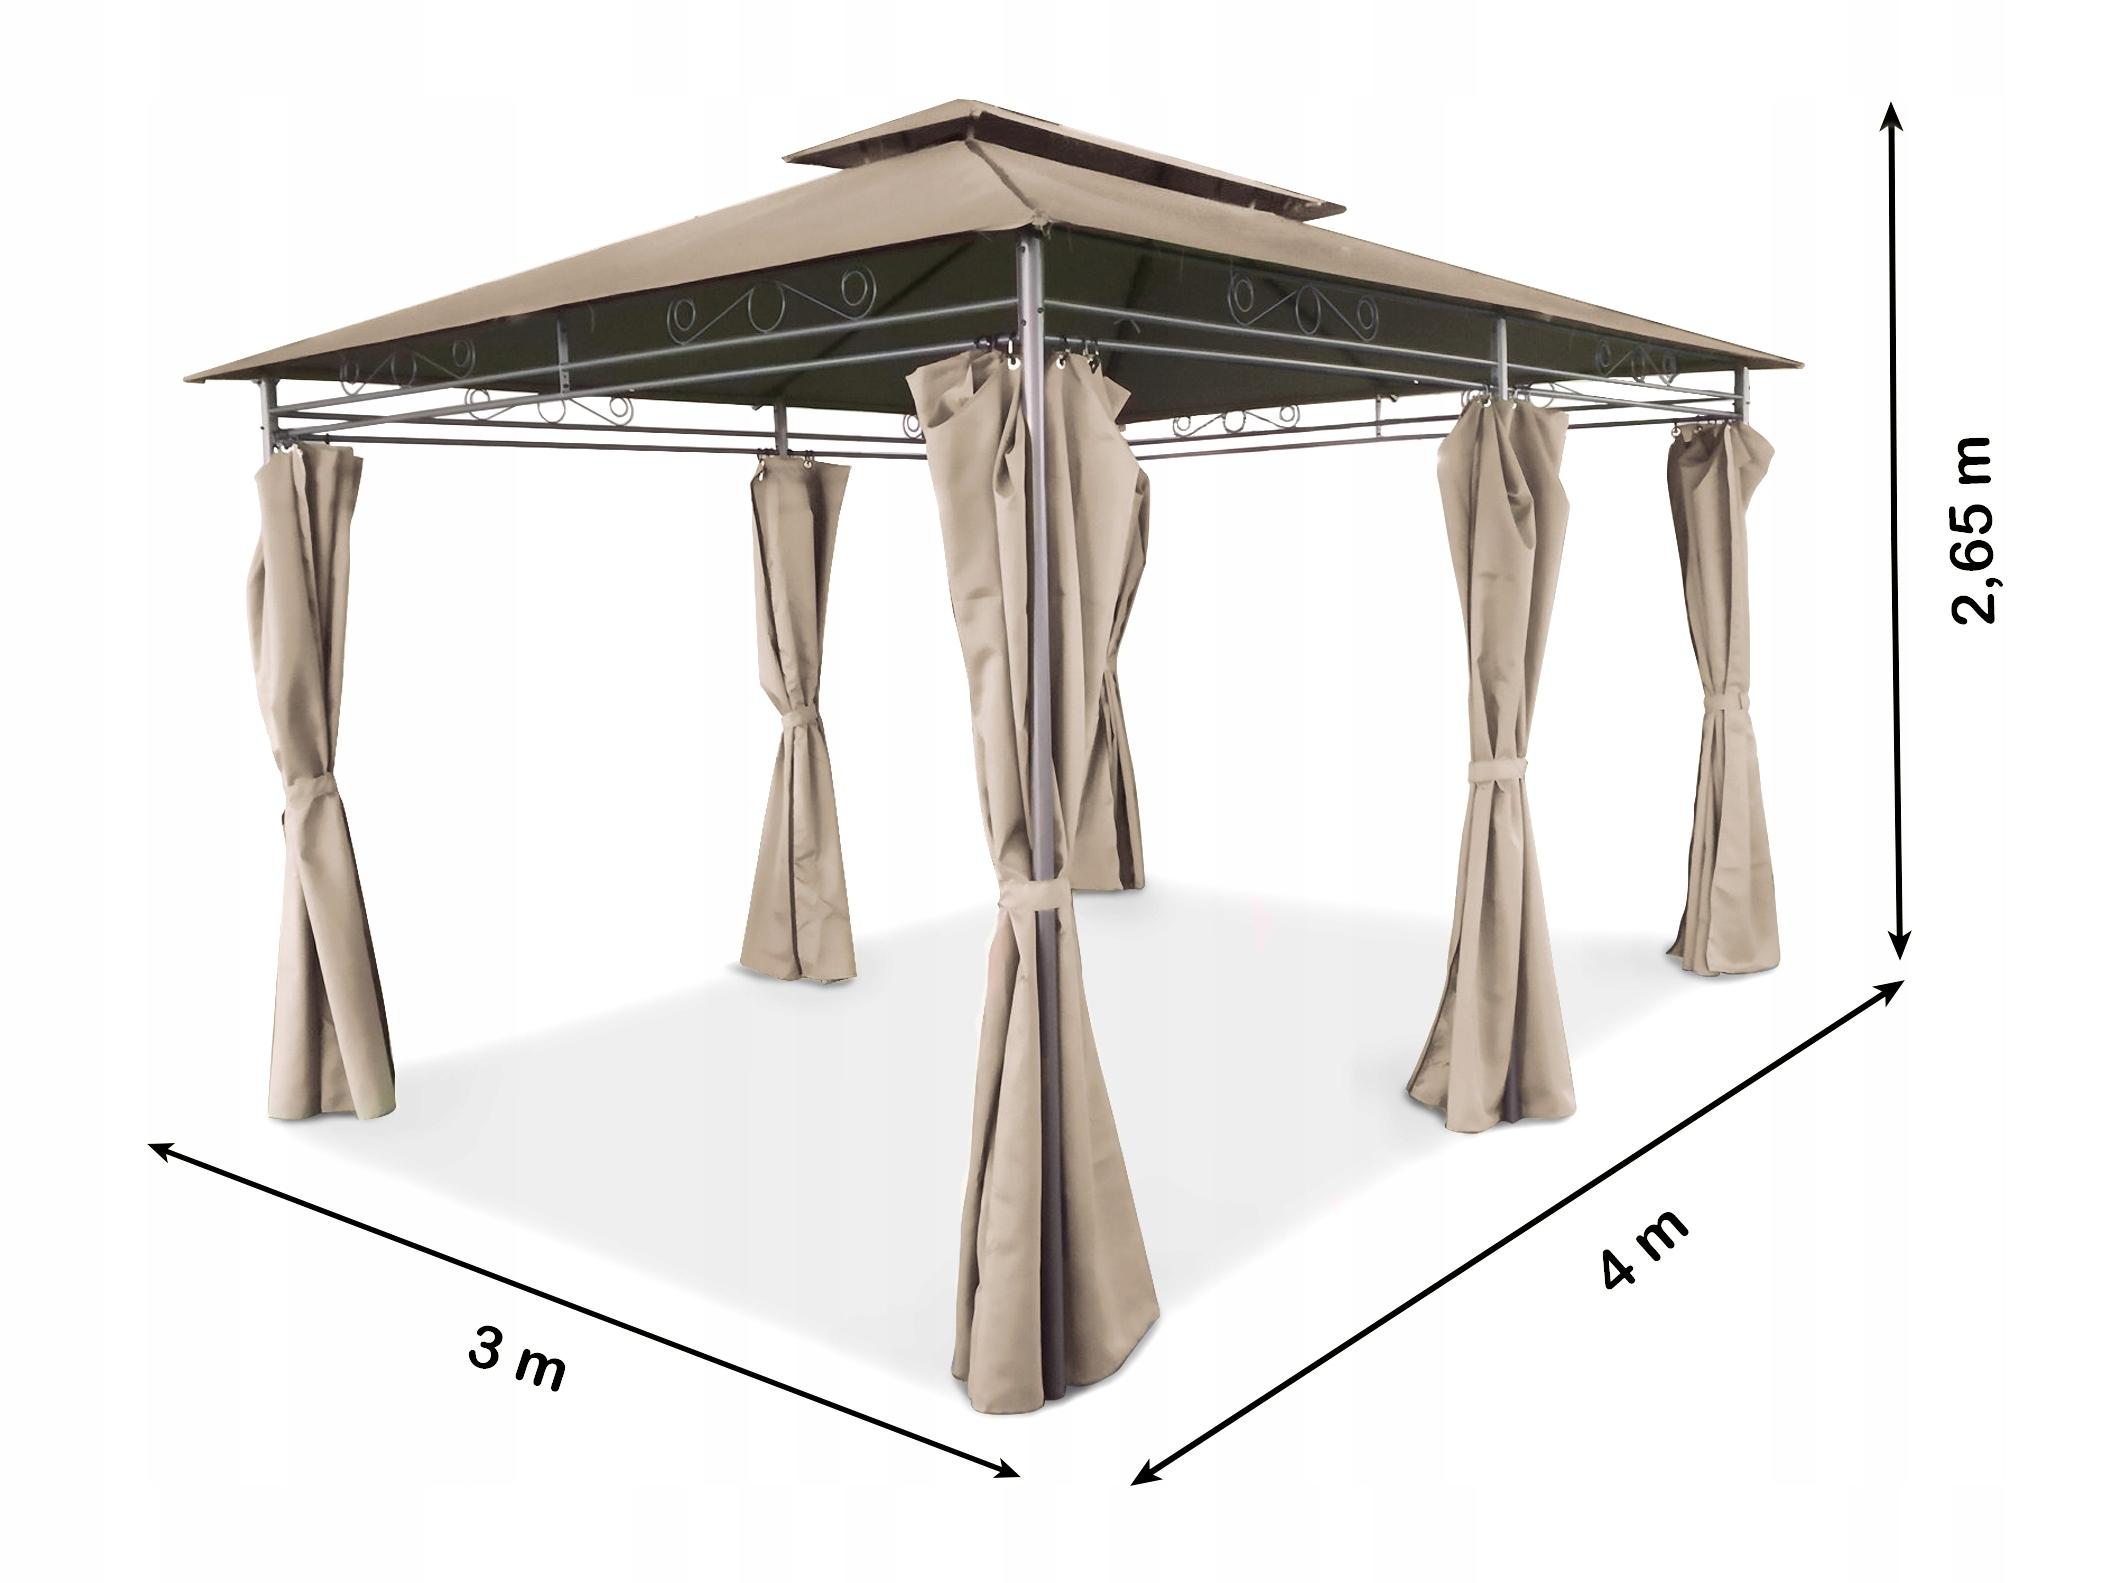 STAVEBNÝ ZÁBAVNÝ STAN altánok 6 VÝSTENOVÝCH STENOV Farebné odtiene sivej